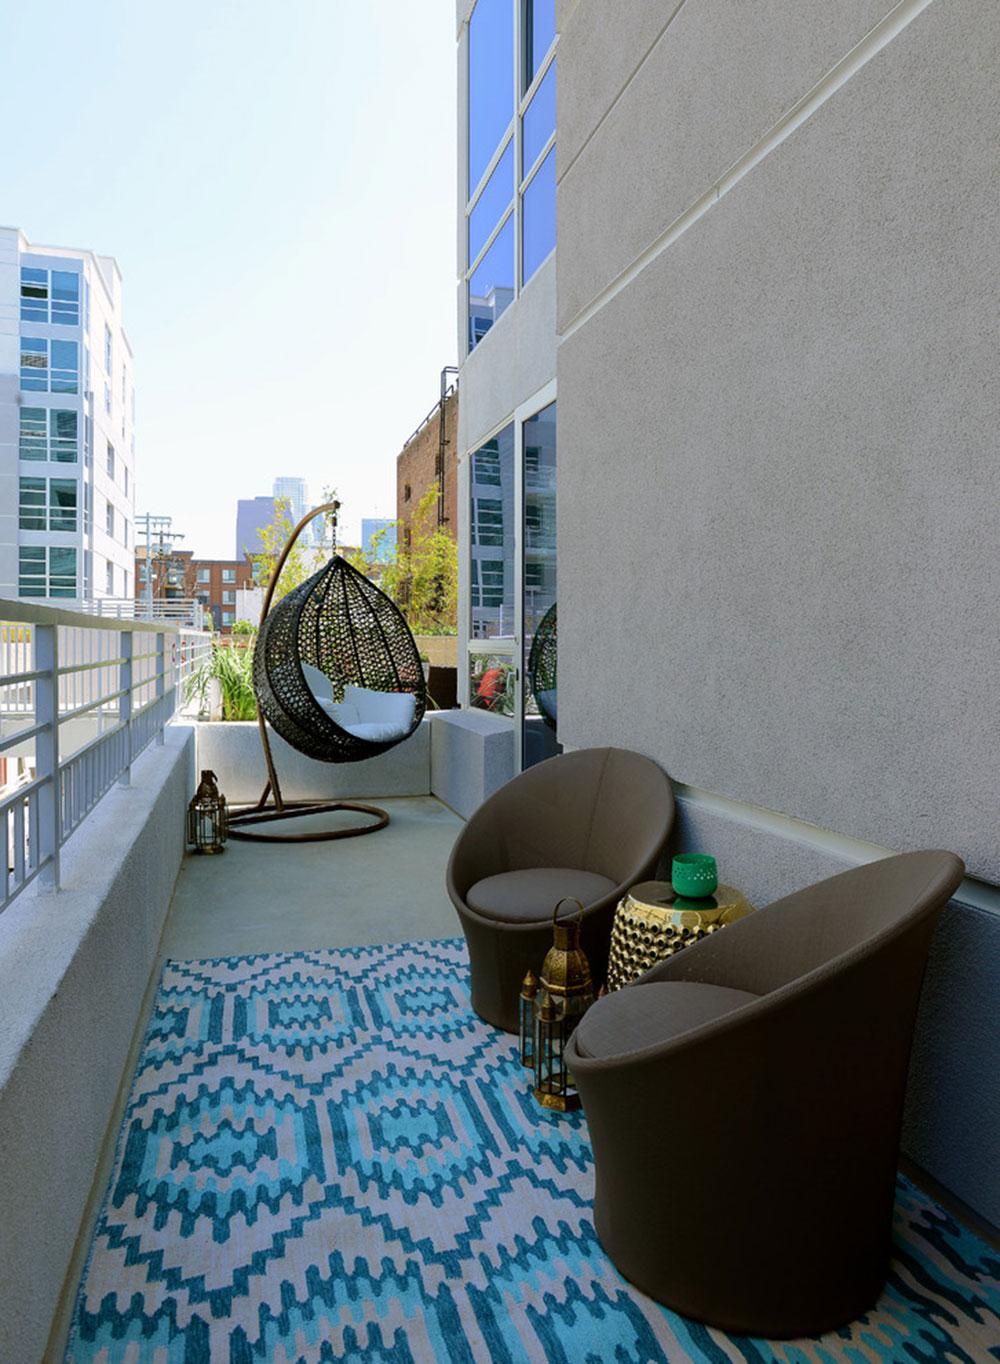 Inomhus- och utomhuskokongstolar för mer komfort 4 Inomhus- och utomhuskokongstolar för mer komfort